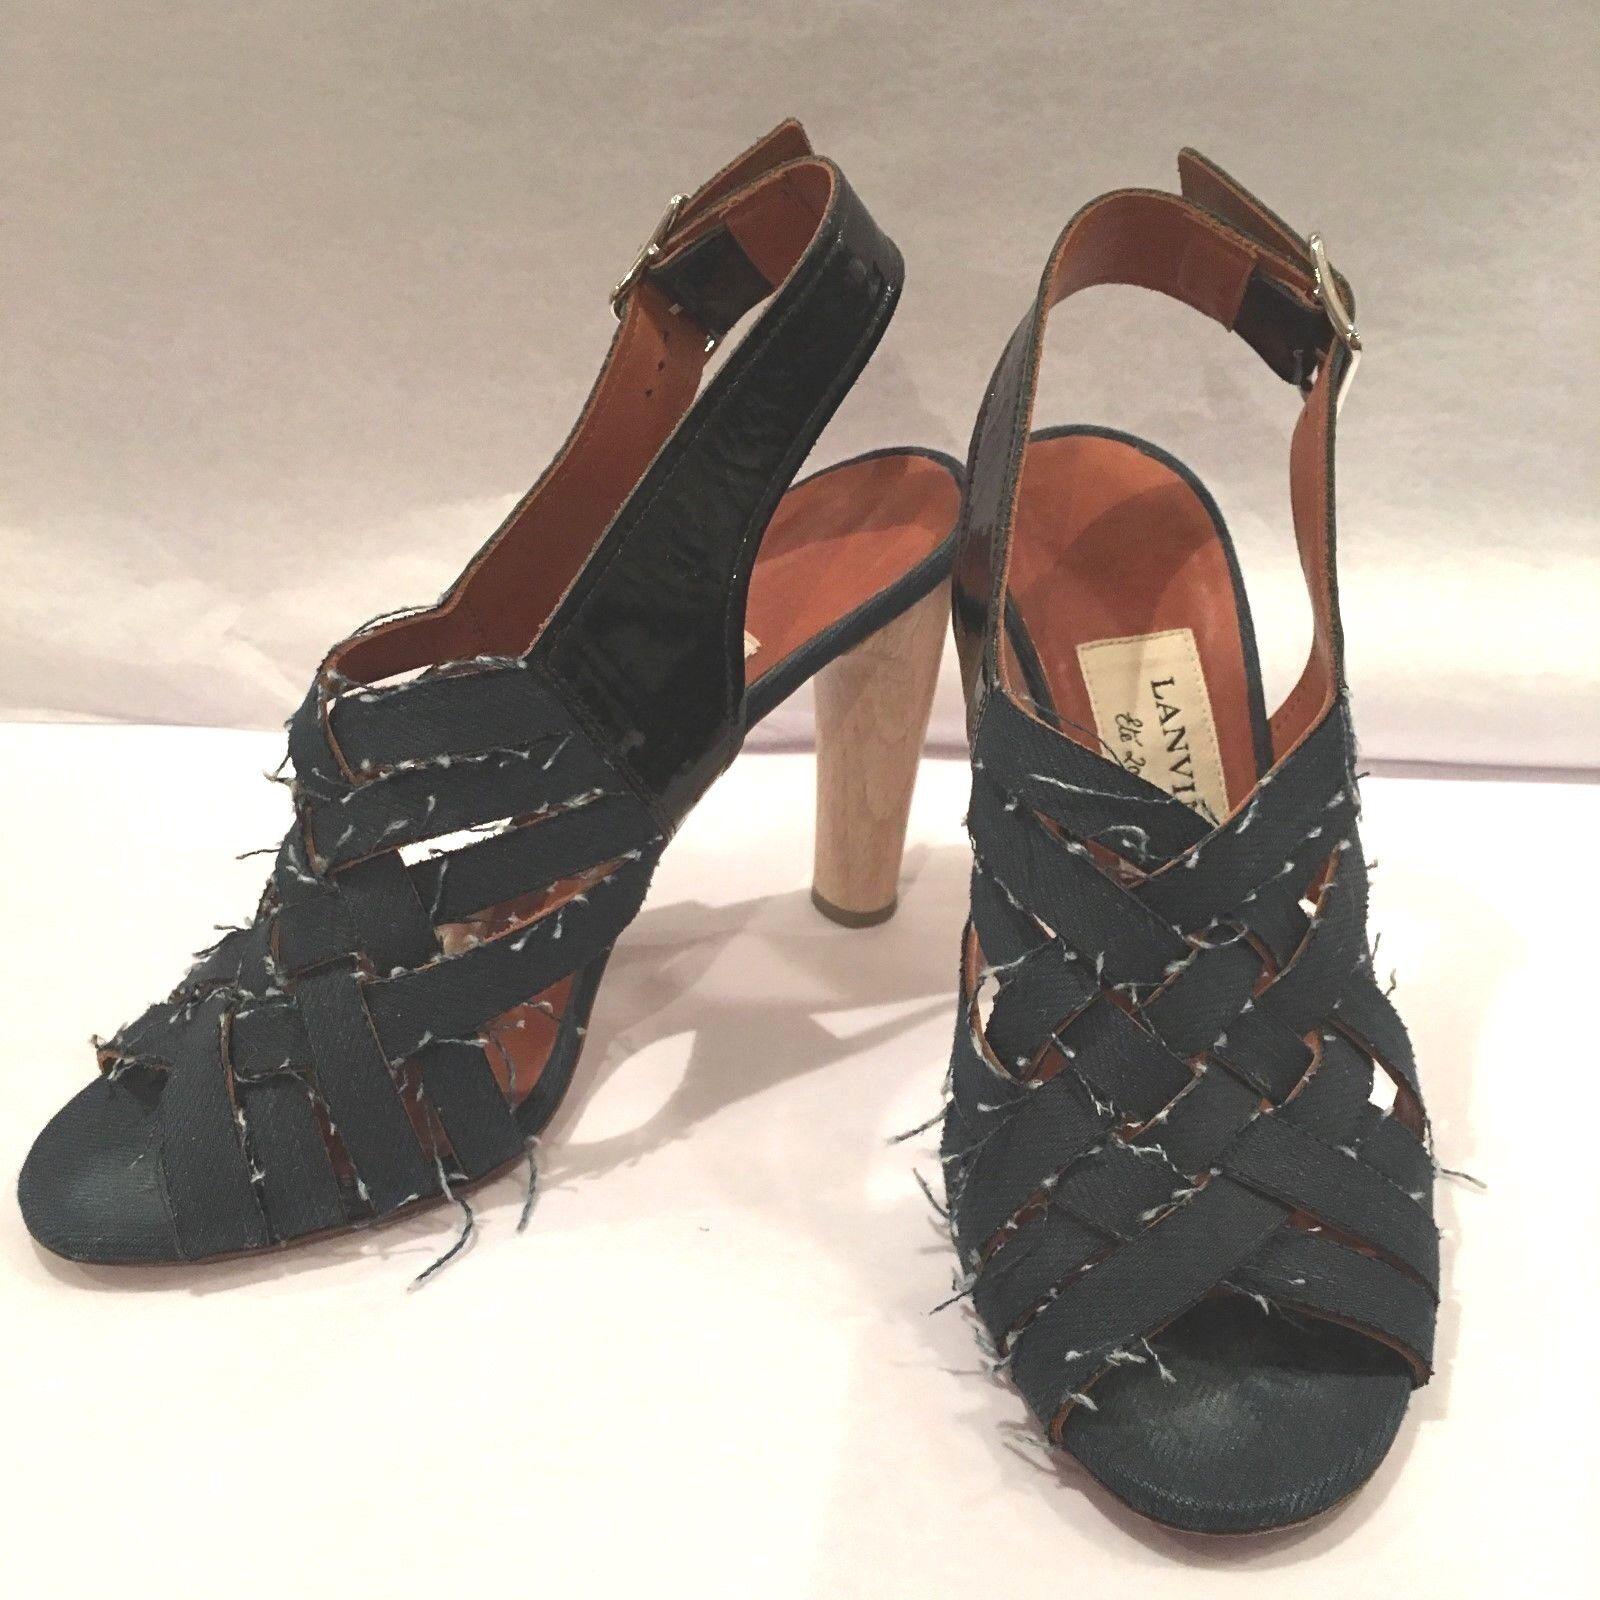 promozioni eccitanti 100% 100% 100% authentic Lanvin denim open toe heels, Dimensione 38  servizio onesto